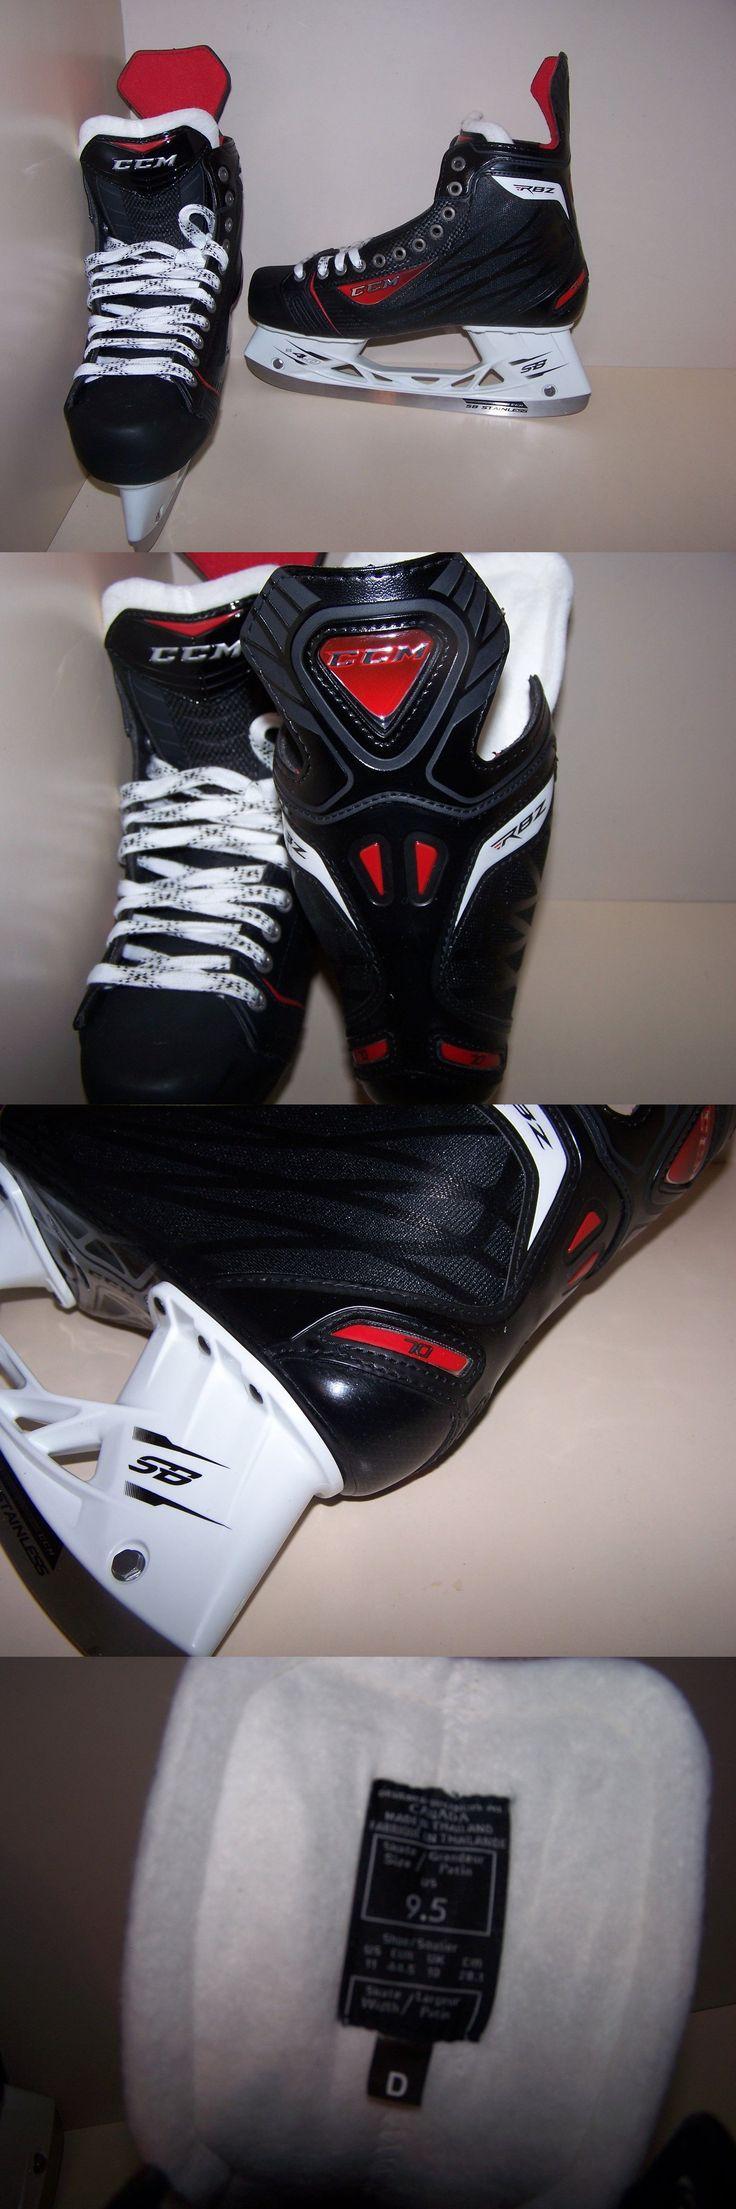 Ice Hockey-Adult 20858: New Ccm Rbz 70 Hockey Skates, Senior 9.5 D -> BUY IT NOW ONLY: $125 on eBay!